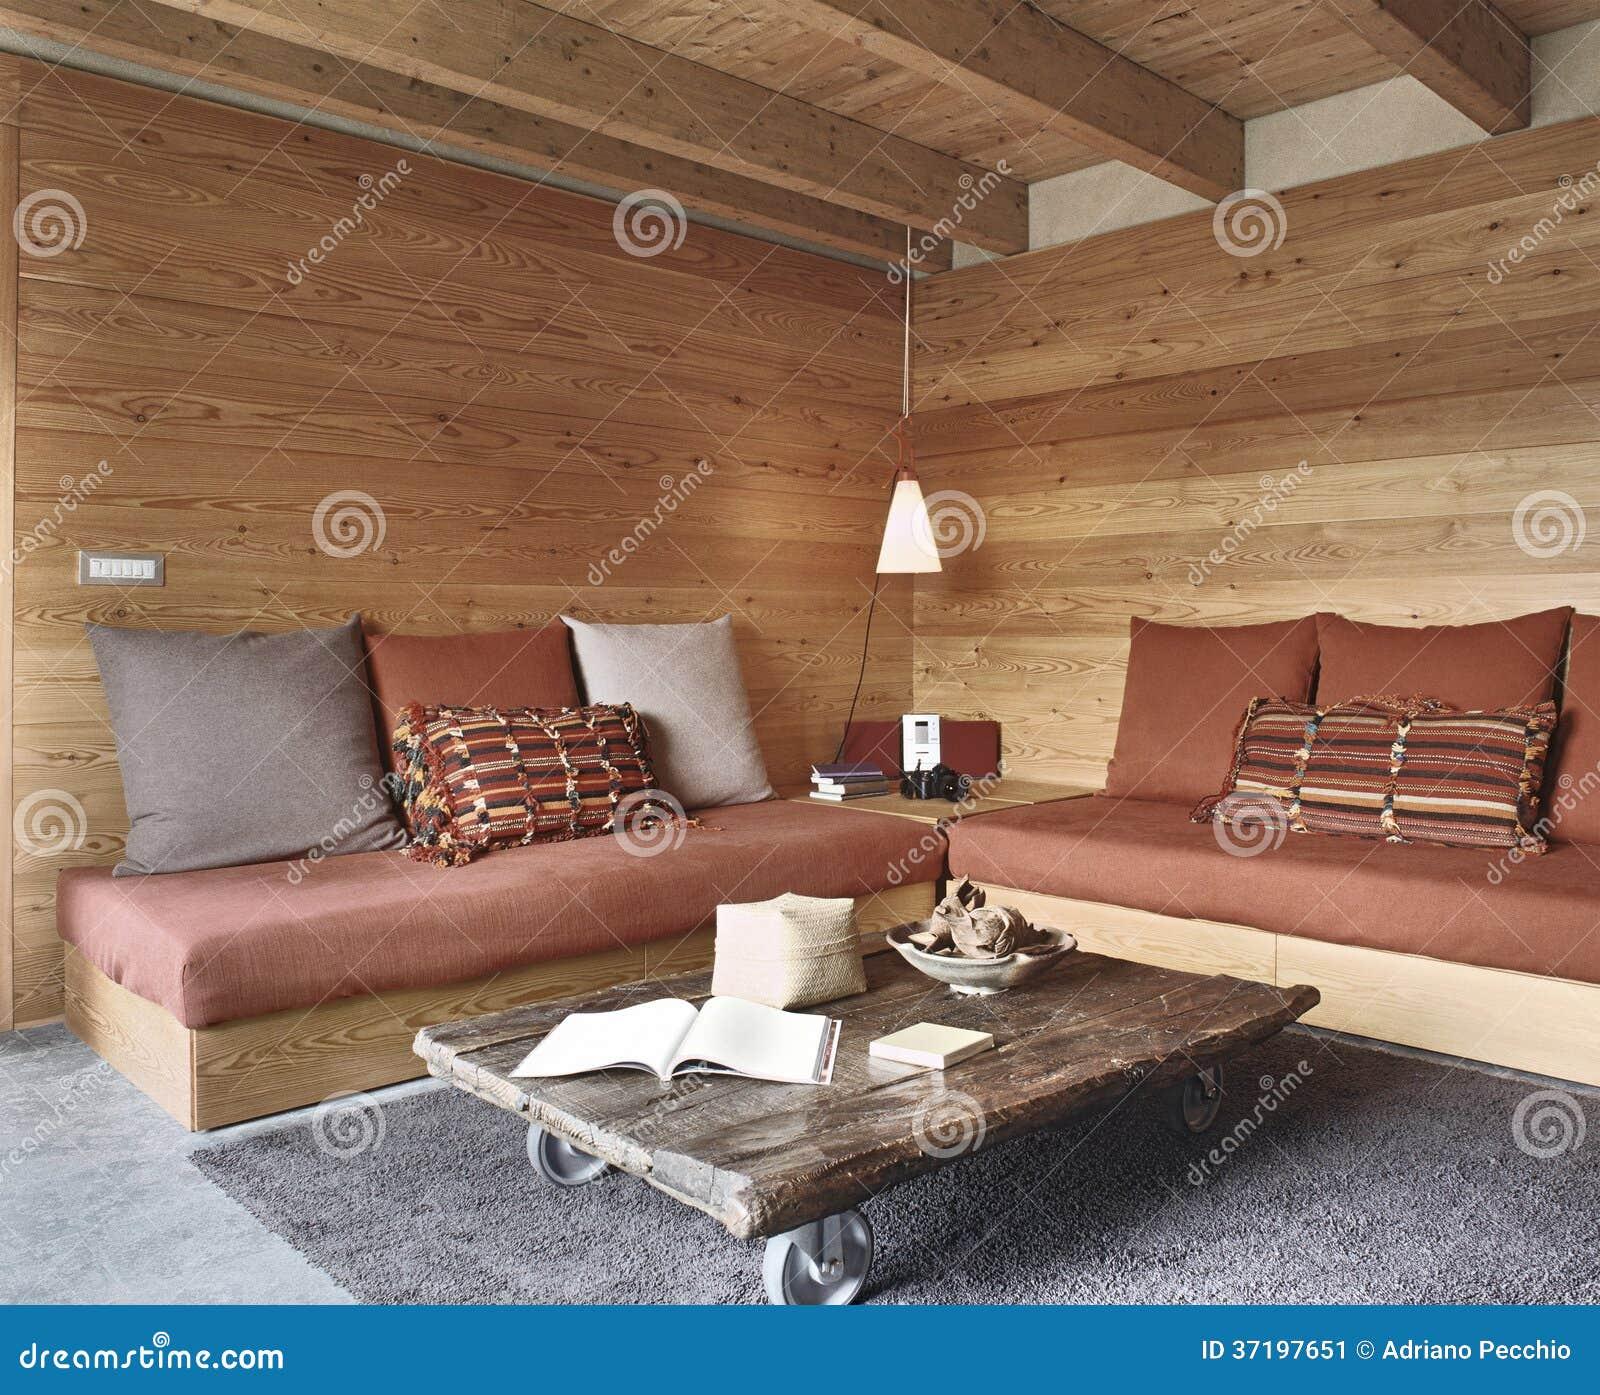 Salone rustico immagine stock immagine 37197651 for Illuminazione rustica della cabina